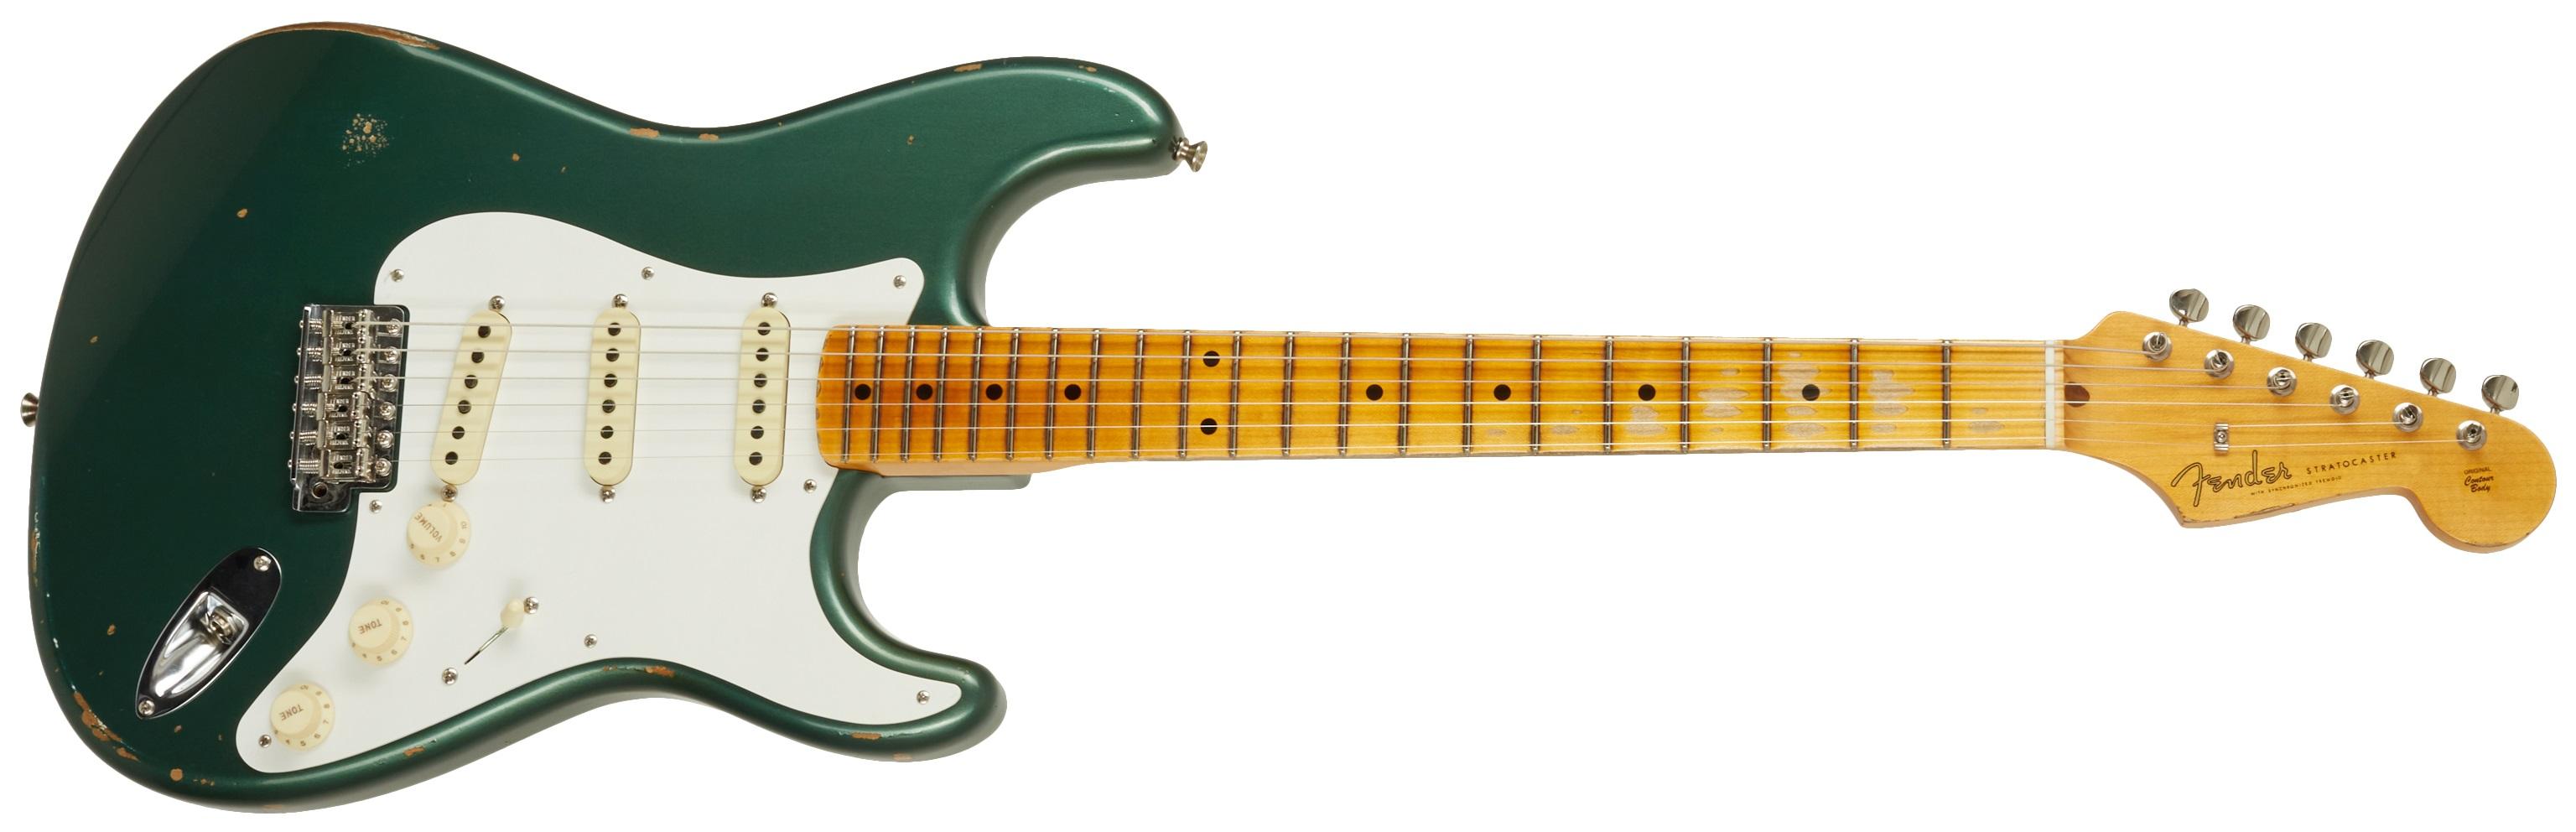 Fender 1956 Stratocaster Relic Closet Classic Custom Built AGM